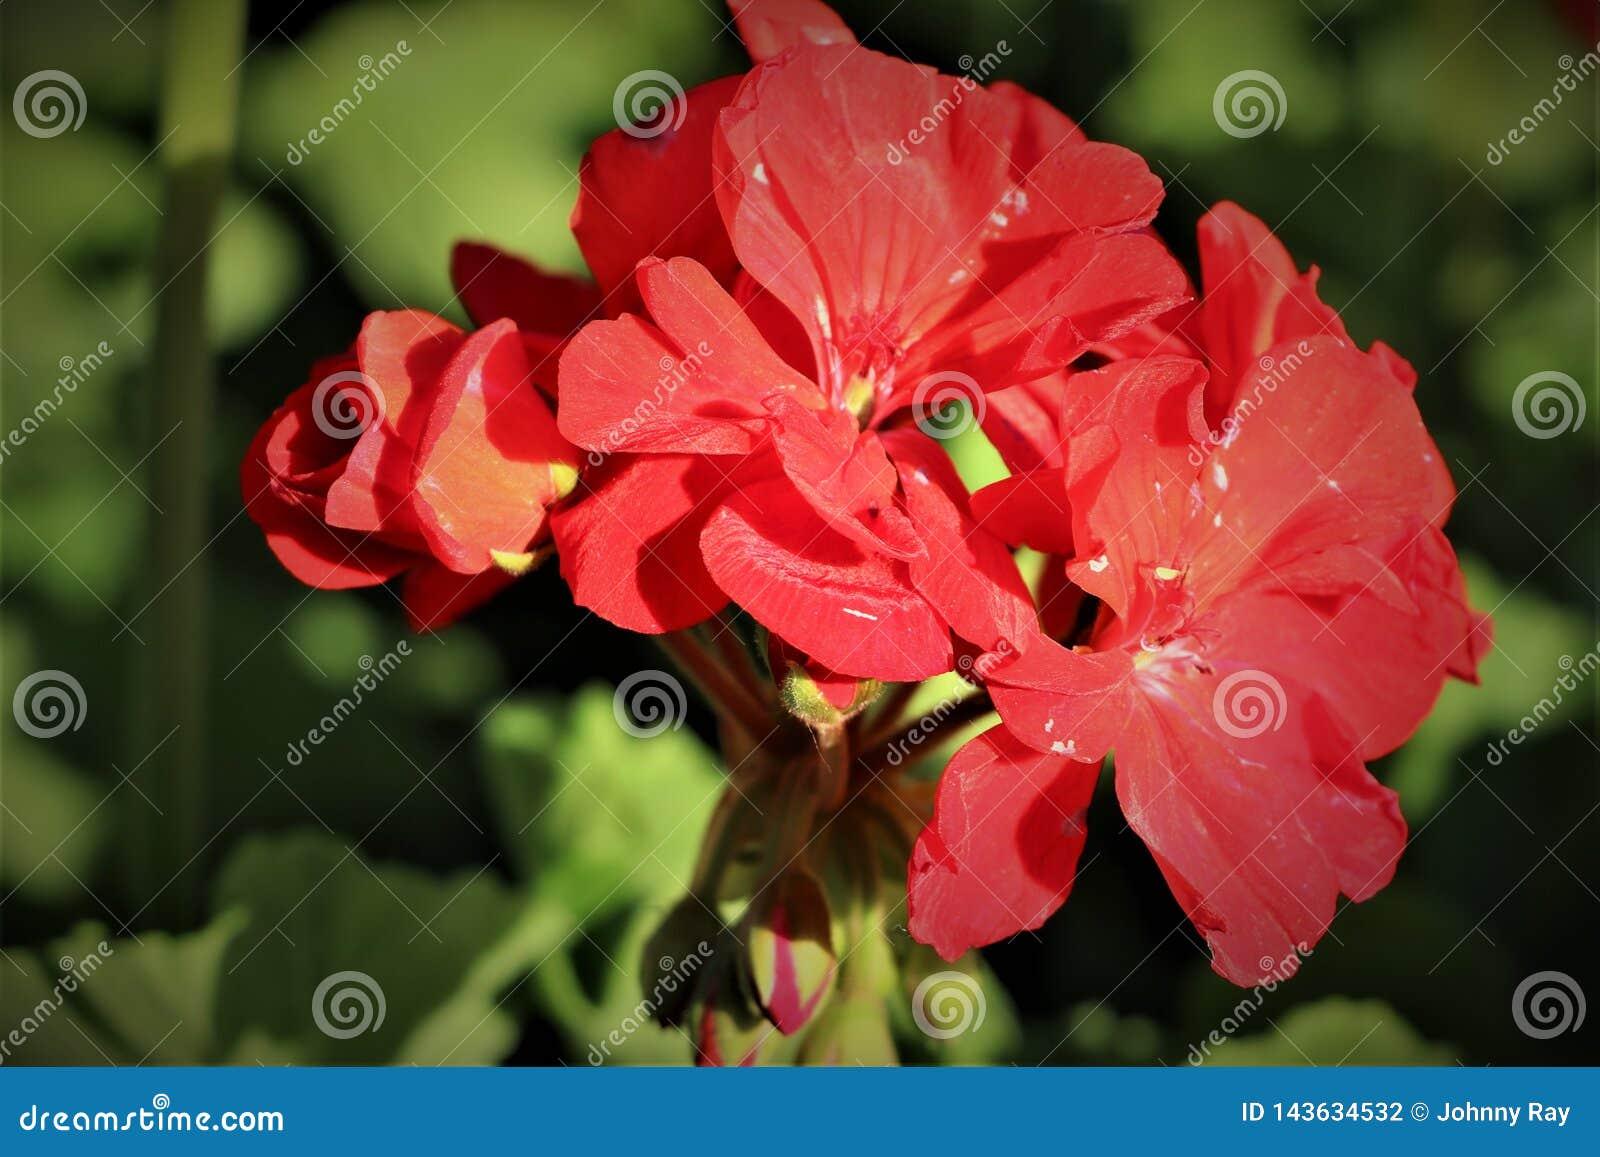 Zeer mooie rode bloem die met groen gebladerte bloeien